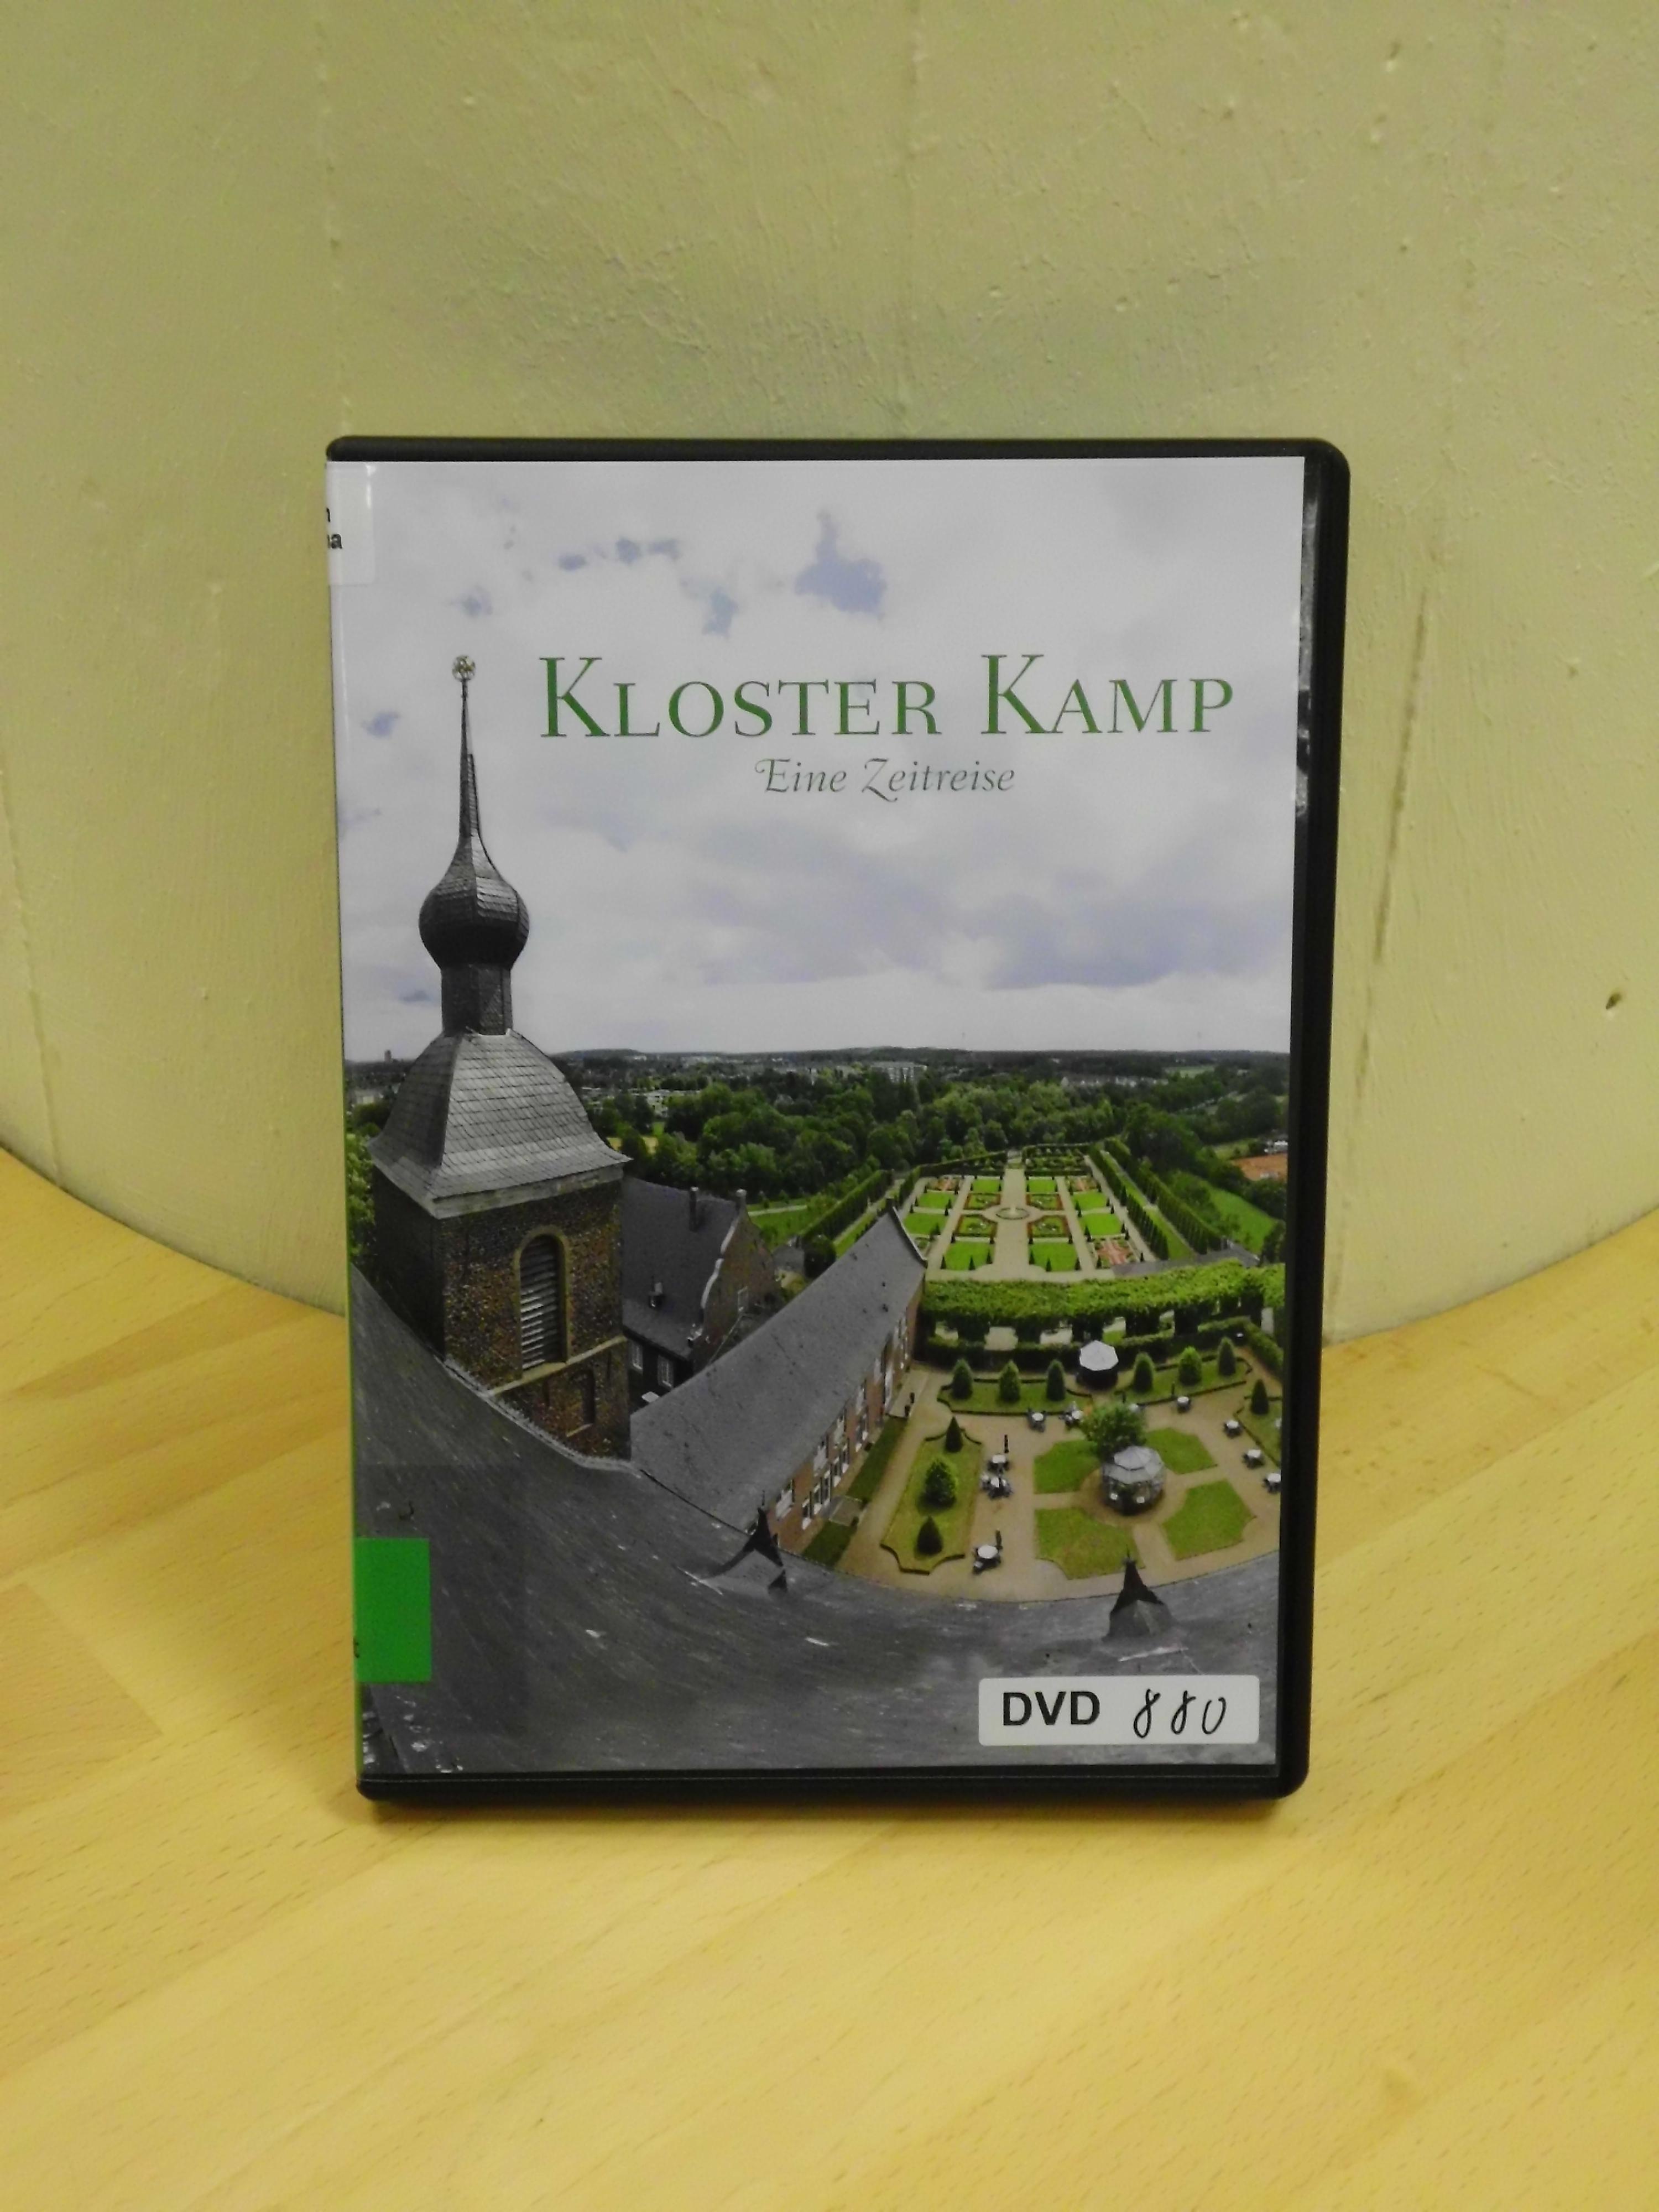 Kloster Kamp DVD